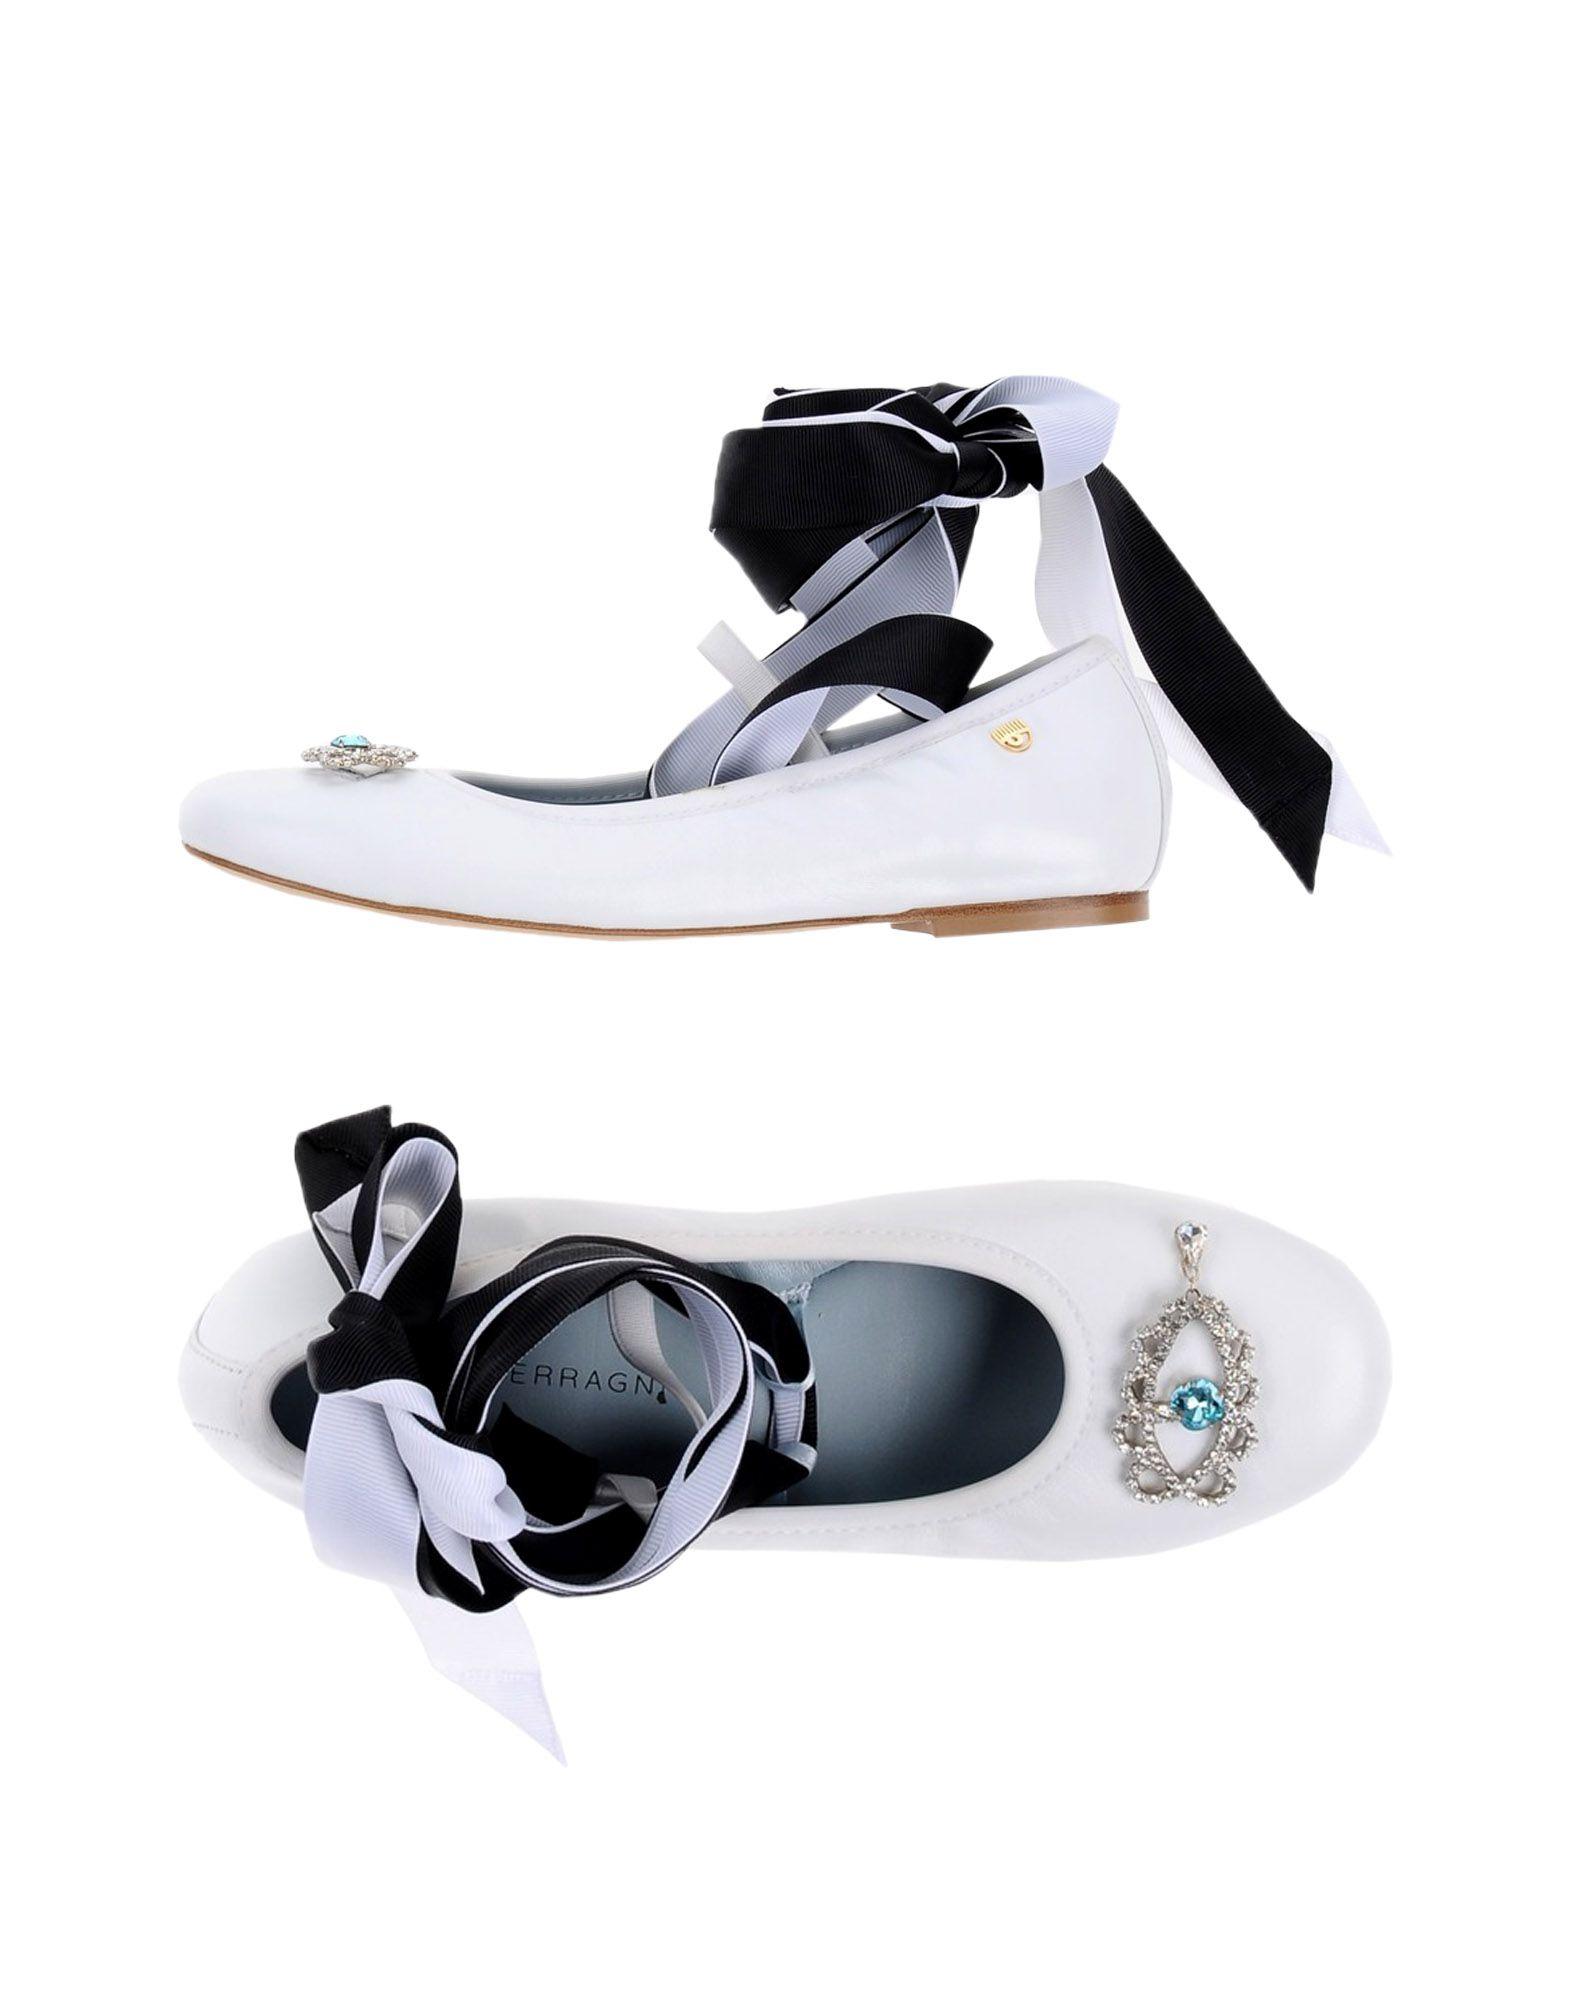 Chiara Ferragni Ballerinas Qualität Damen  11337028VV Gute Qualität Ballerinas beliebte Schuhe 66de97